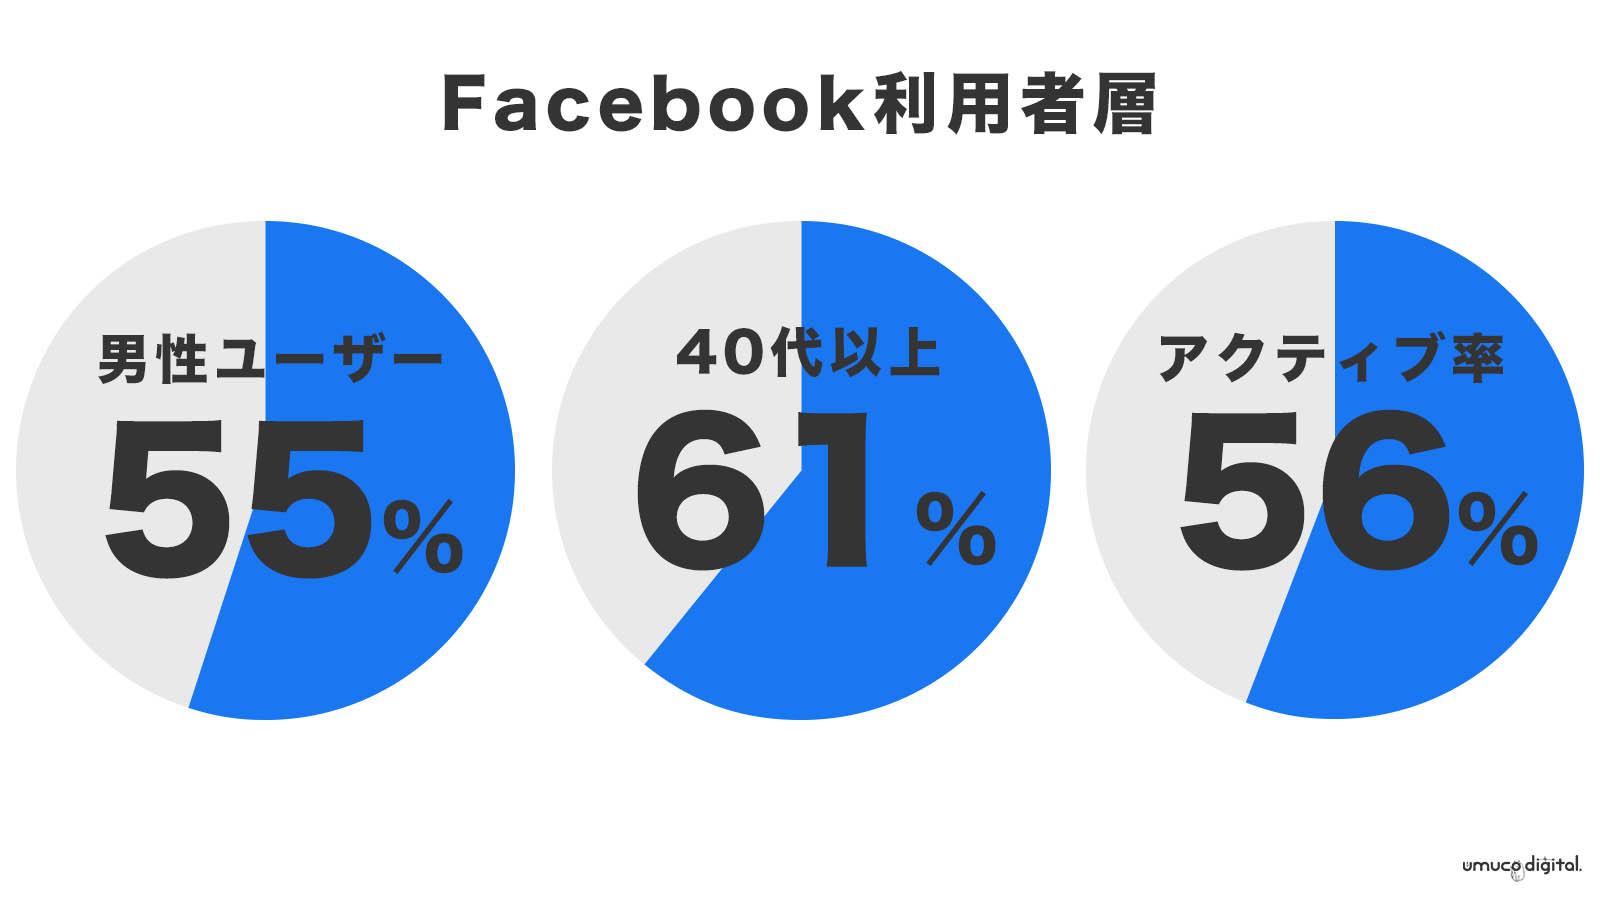 facebook国内利用者数